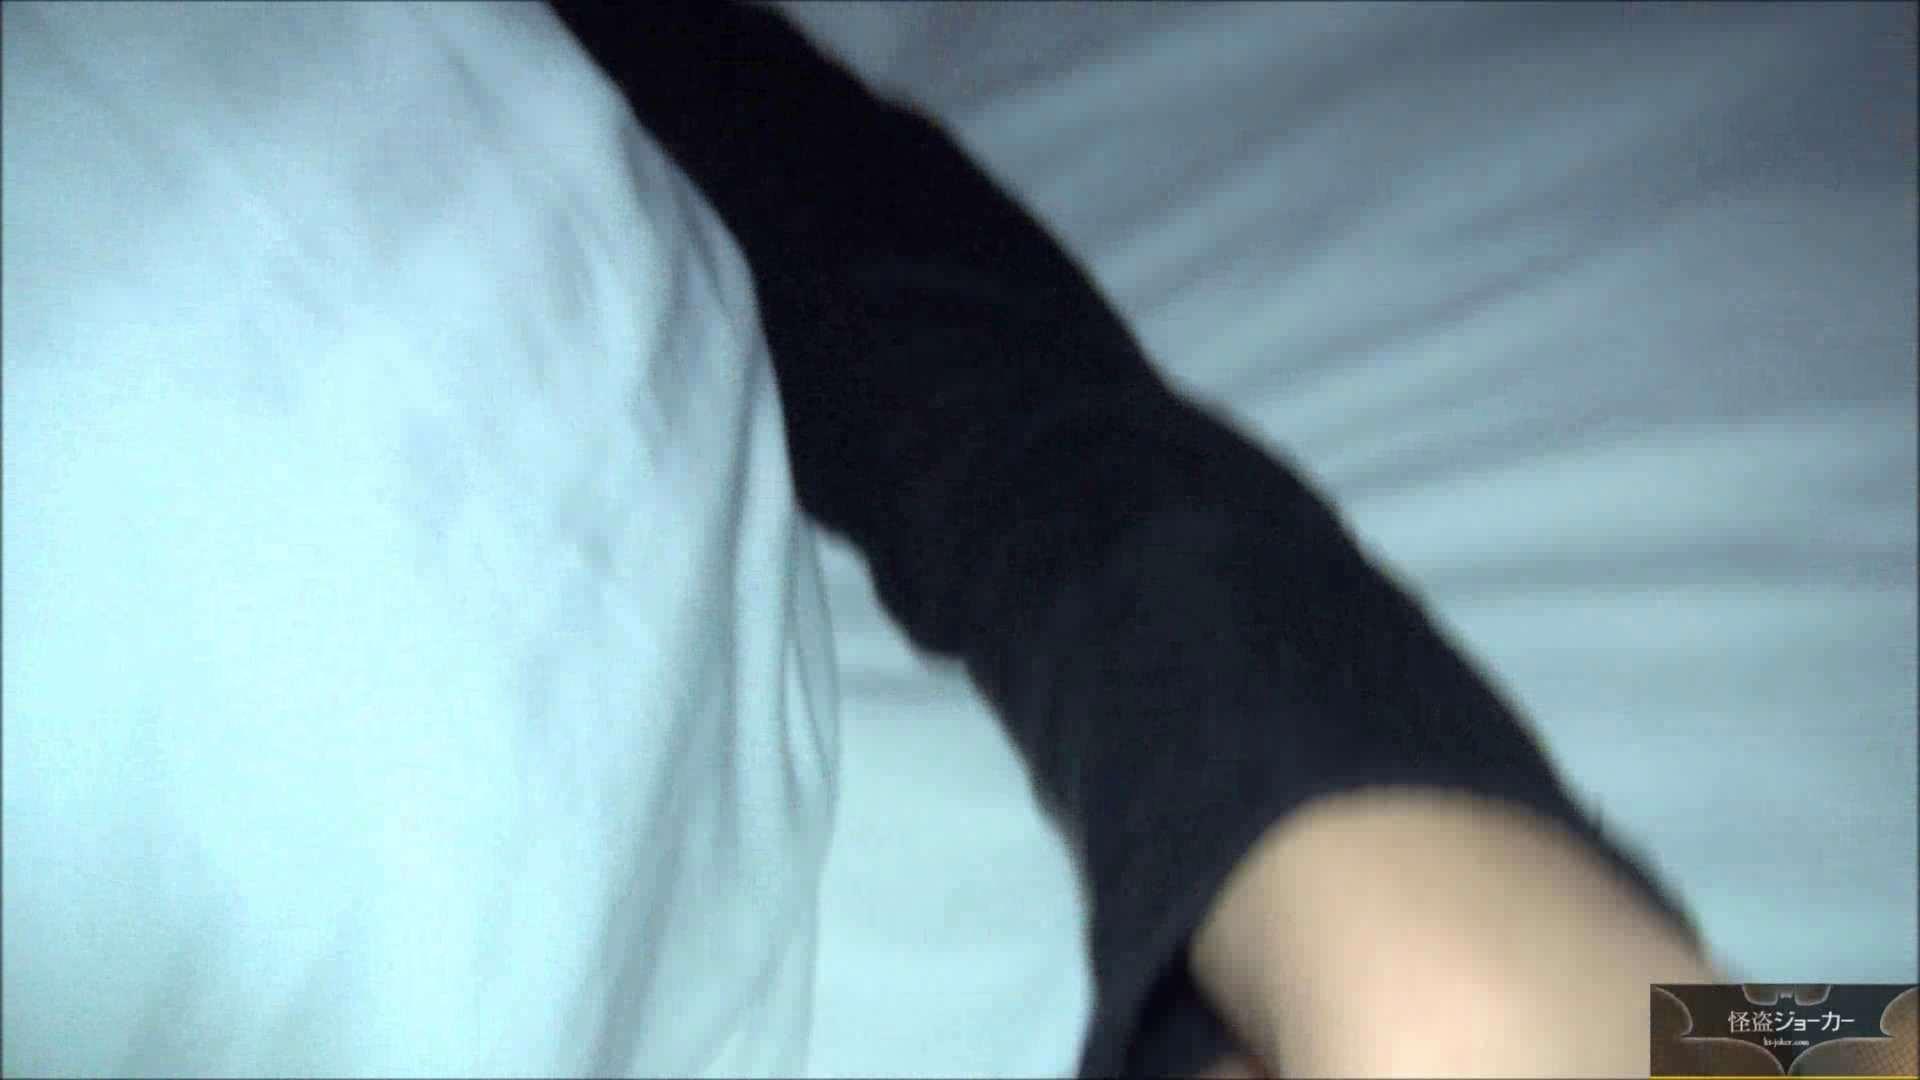 【未公開】vol.69{BLENDA系美女&黒ギャル}UA・Mちゃん2人とホテル 美女 エロ無料画像 96画像 4